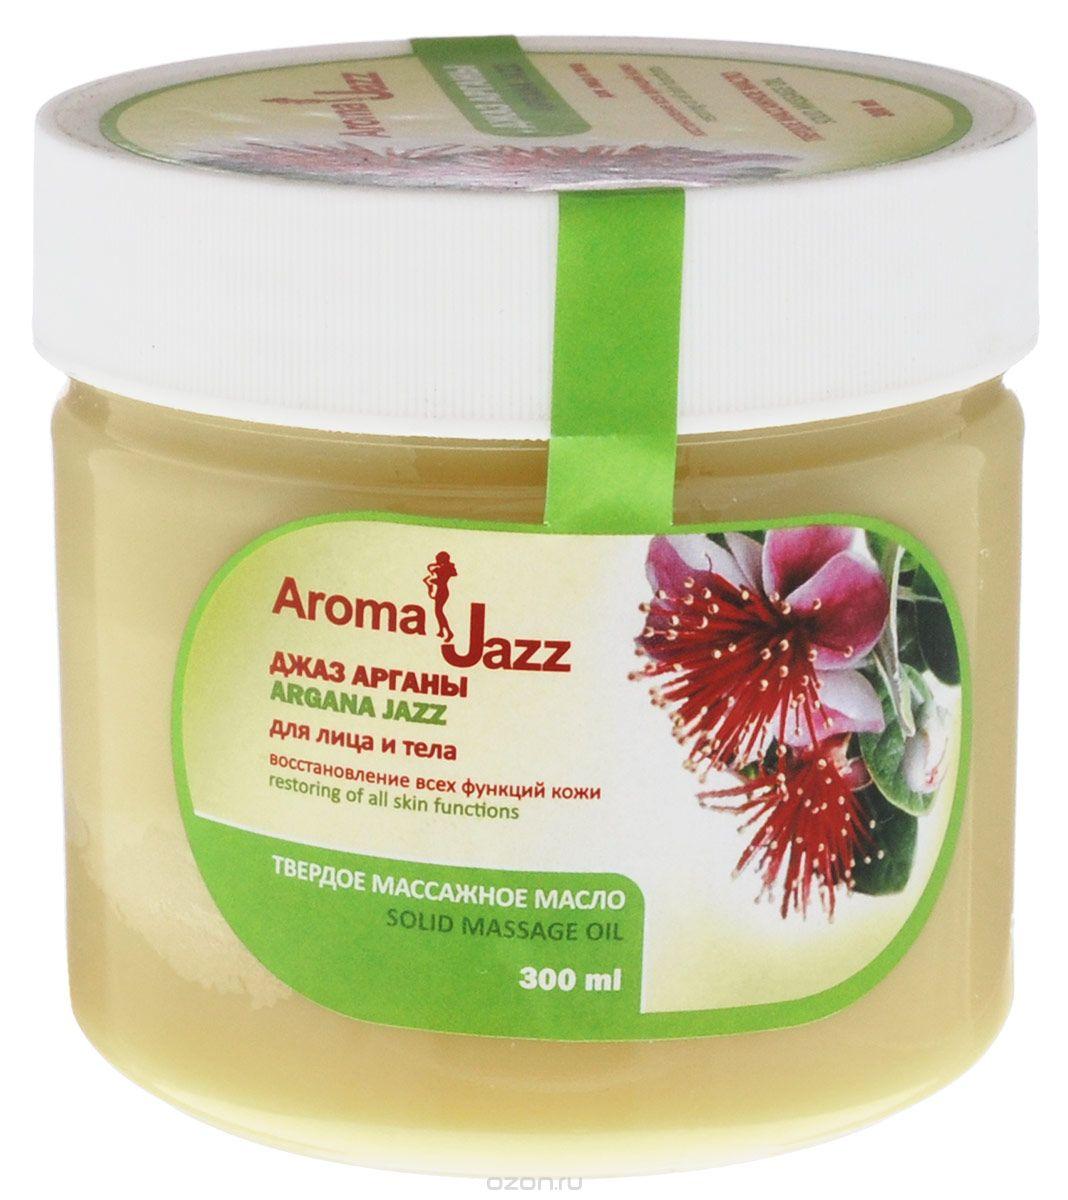 Aroma Jazz Твердое масло питательное Джаз арганы, 300 мл0109Действие: способствует омоложению кожи и устранению морщин, смягчает и увлажняет, снимает ощущение стянутости и предотвращает пересыхание, снимает раздражение. Масло применяют для ухода за нежной чувствительной кожей. Являясь хорошим ранозаживляющим средством, Противопоказания: индивидуальная непереносимость компонентов продукта. Срок хранения: 24 месяца. После вскрытия упаковки использовать в течение 6 месяцев.